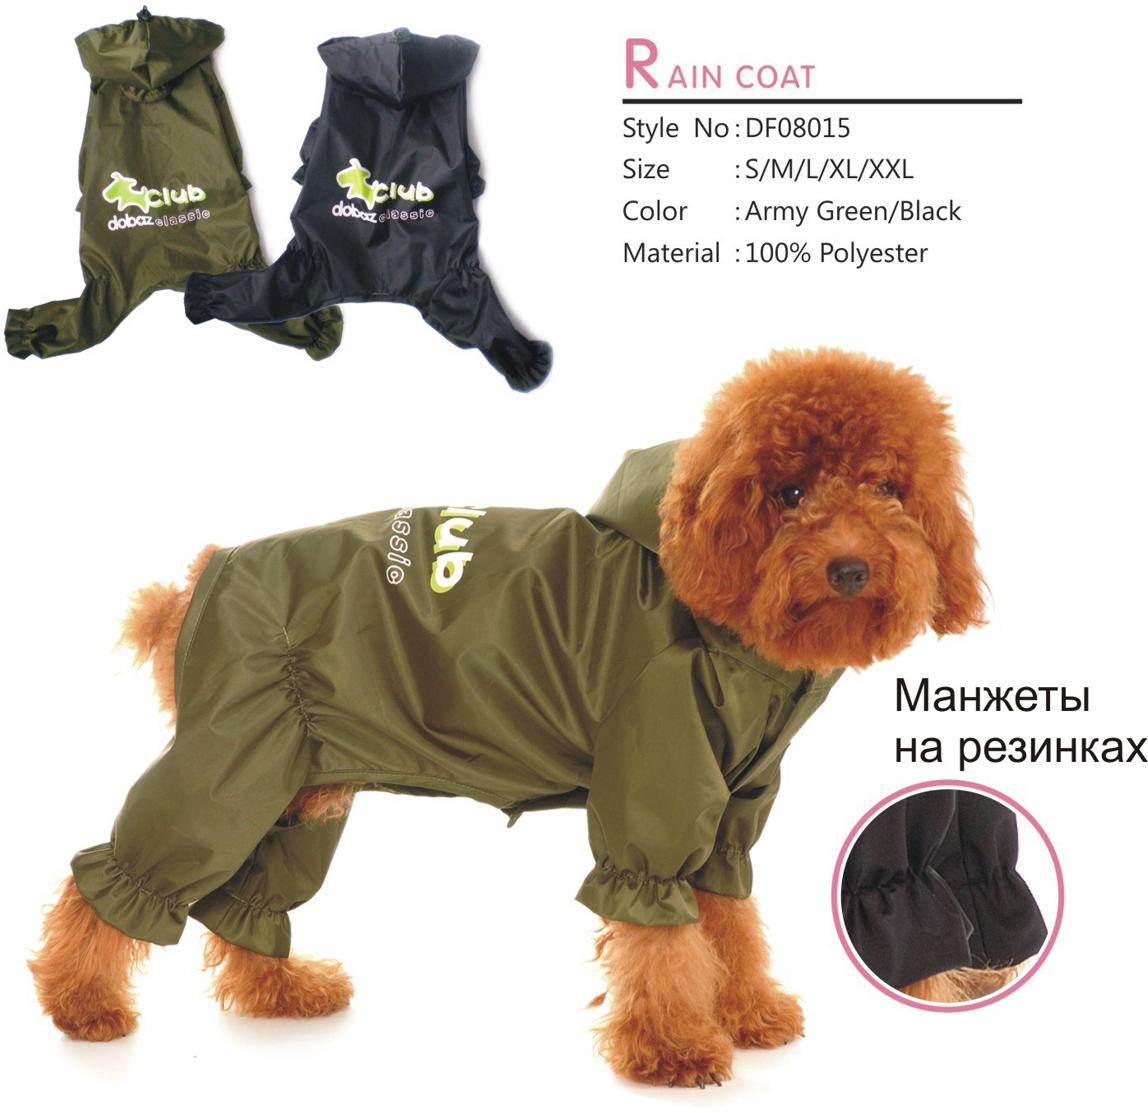 Комбинезон-дождевик для собак Dobaz, цвет: хаки. ДФ08015Б7ХЛ. Размер 7XL дождевик для собак